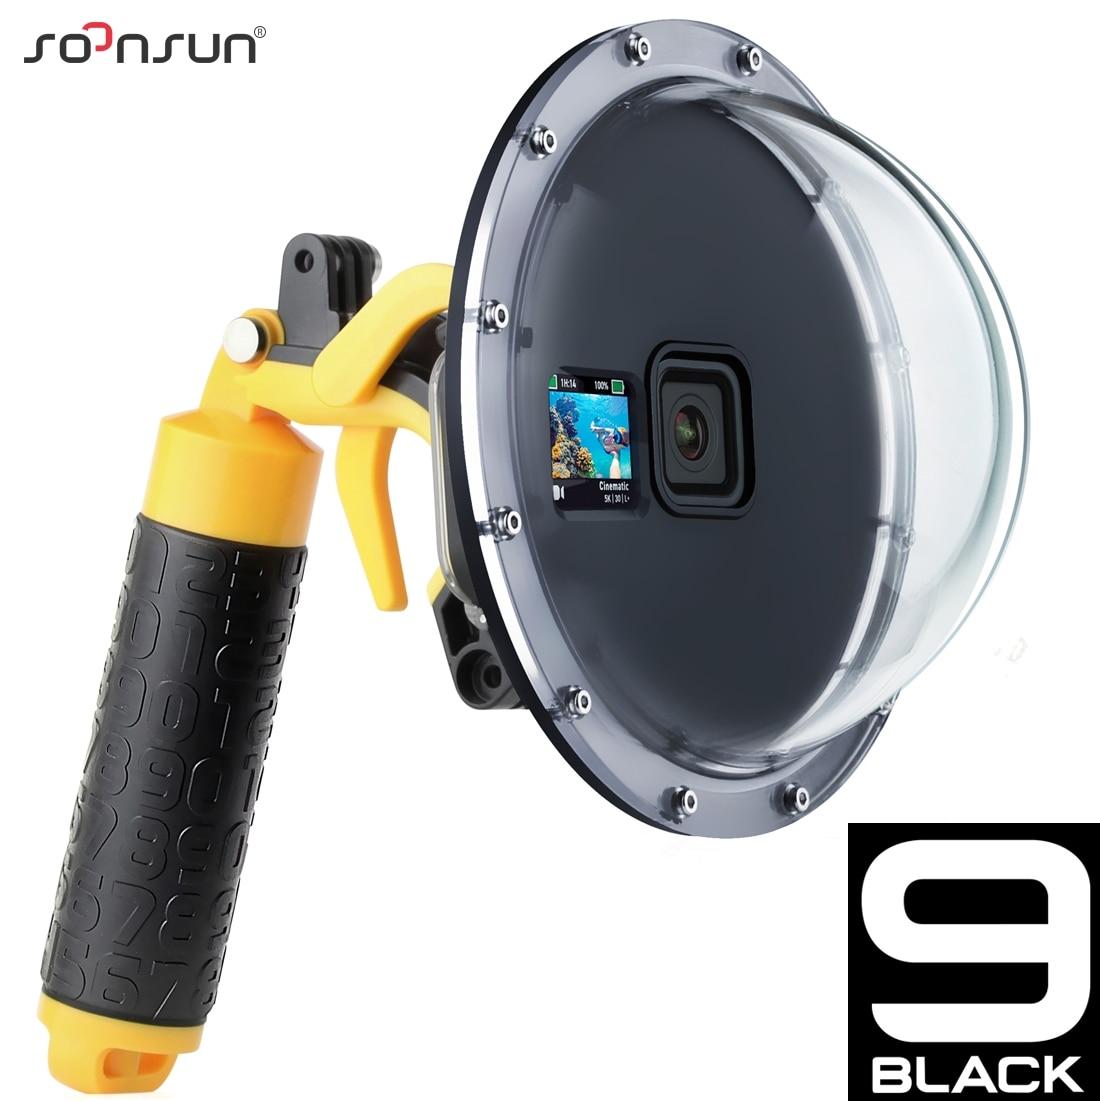 SOONSUN 45 м водонепроницаемый чехол для объектива с купольным портом для дайвинга чехол с зажимом для GoPro Hero 9 Black Go Pro 9 аксессуар